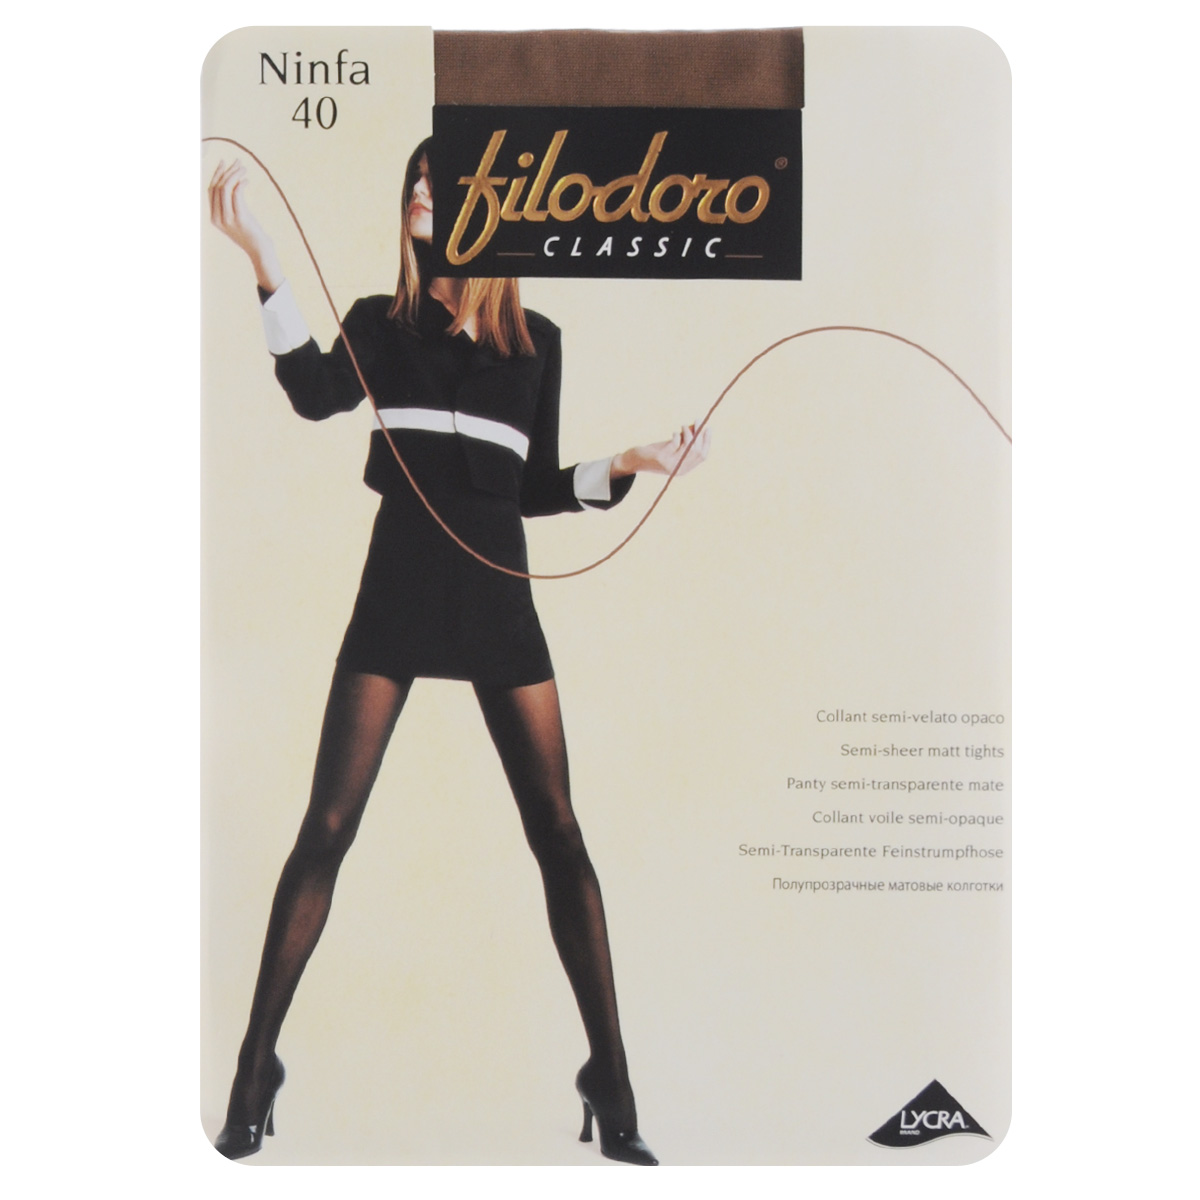 Колготки женские Filodoro Classic Ninfa 40, цвет: Glace (коричневый). C115059FC. Размер 5 (Maxi-XL) колготки женские filodoro classic oda 40 elegance цвет nero черный c113128fc размер 5 maxi xl